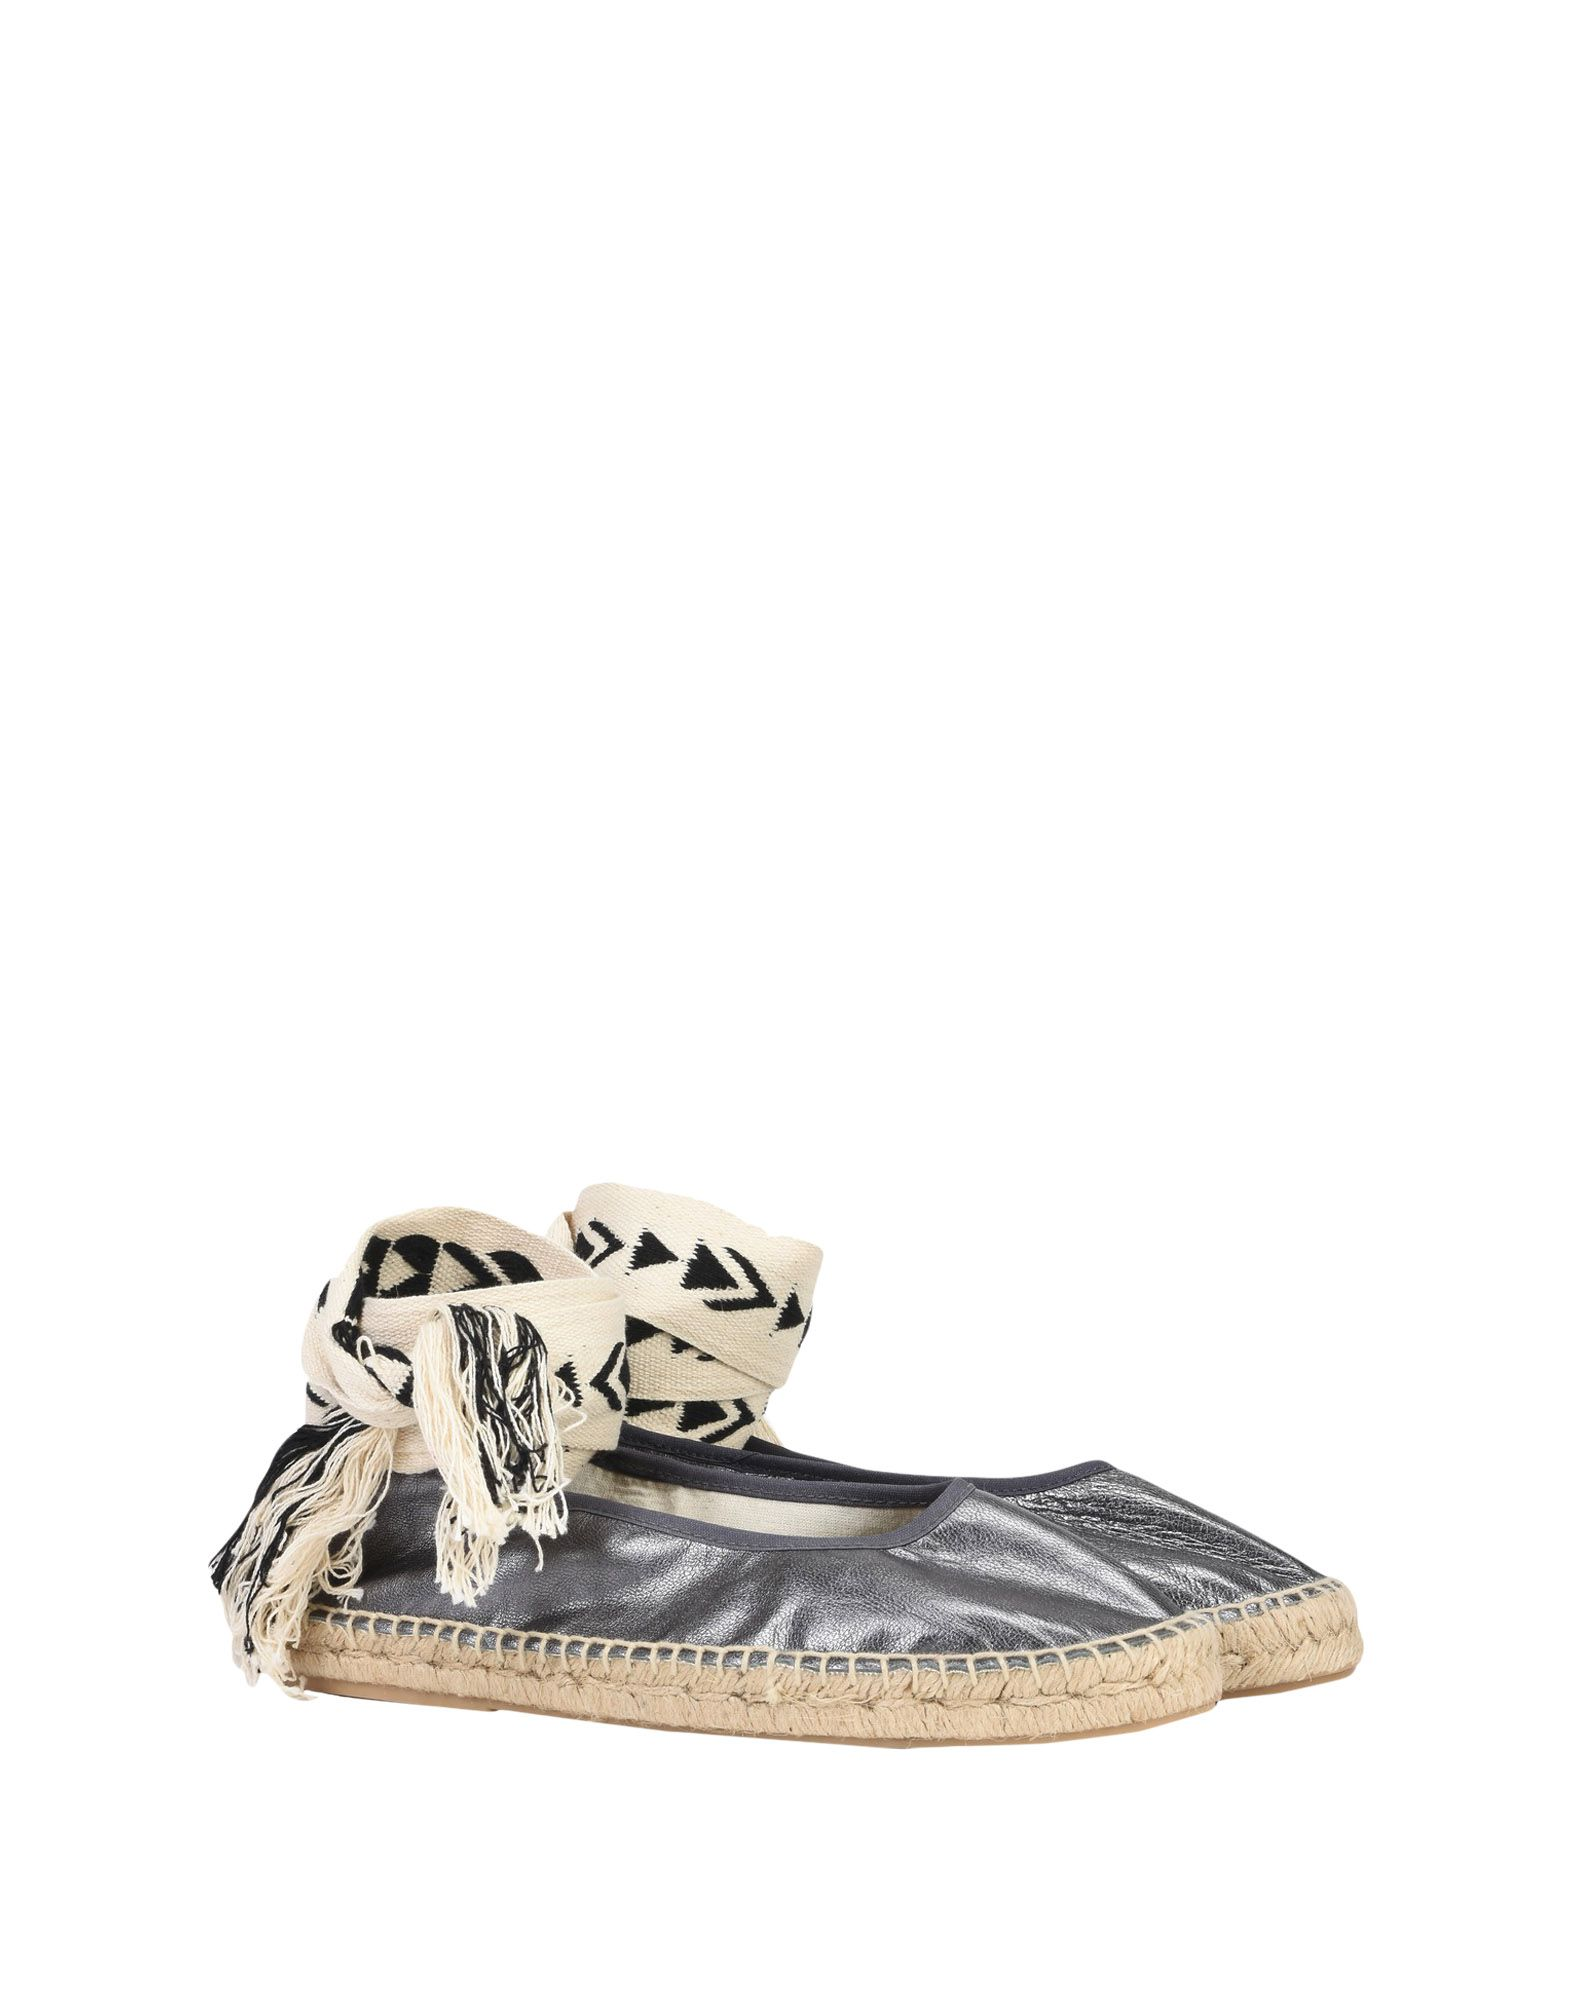 Free People Maya Wrap Espadrille  11446823ST 11446823ST  Gute Qualität beliebte Schuhe 3c4164